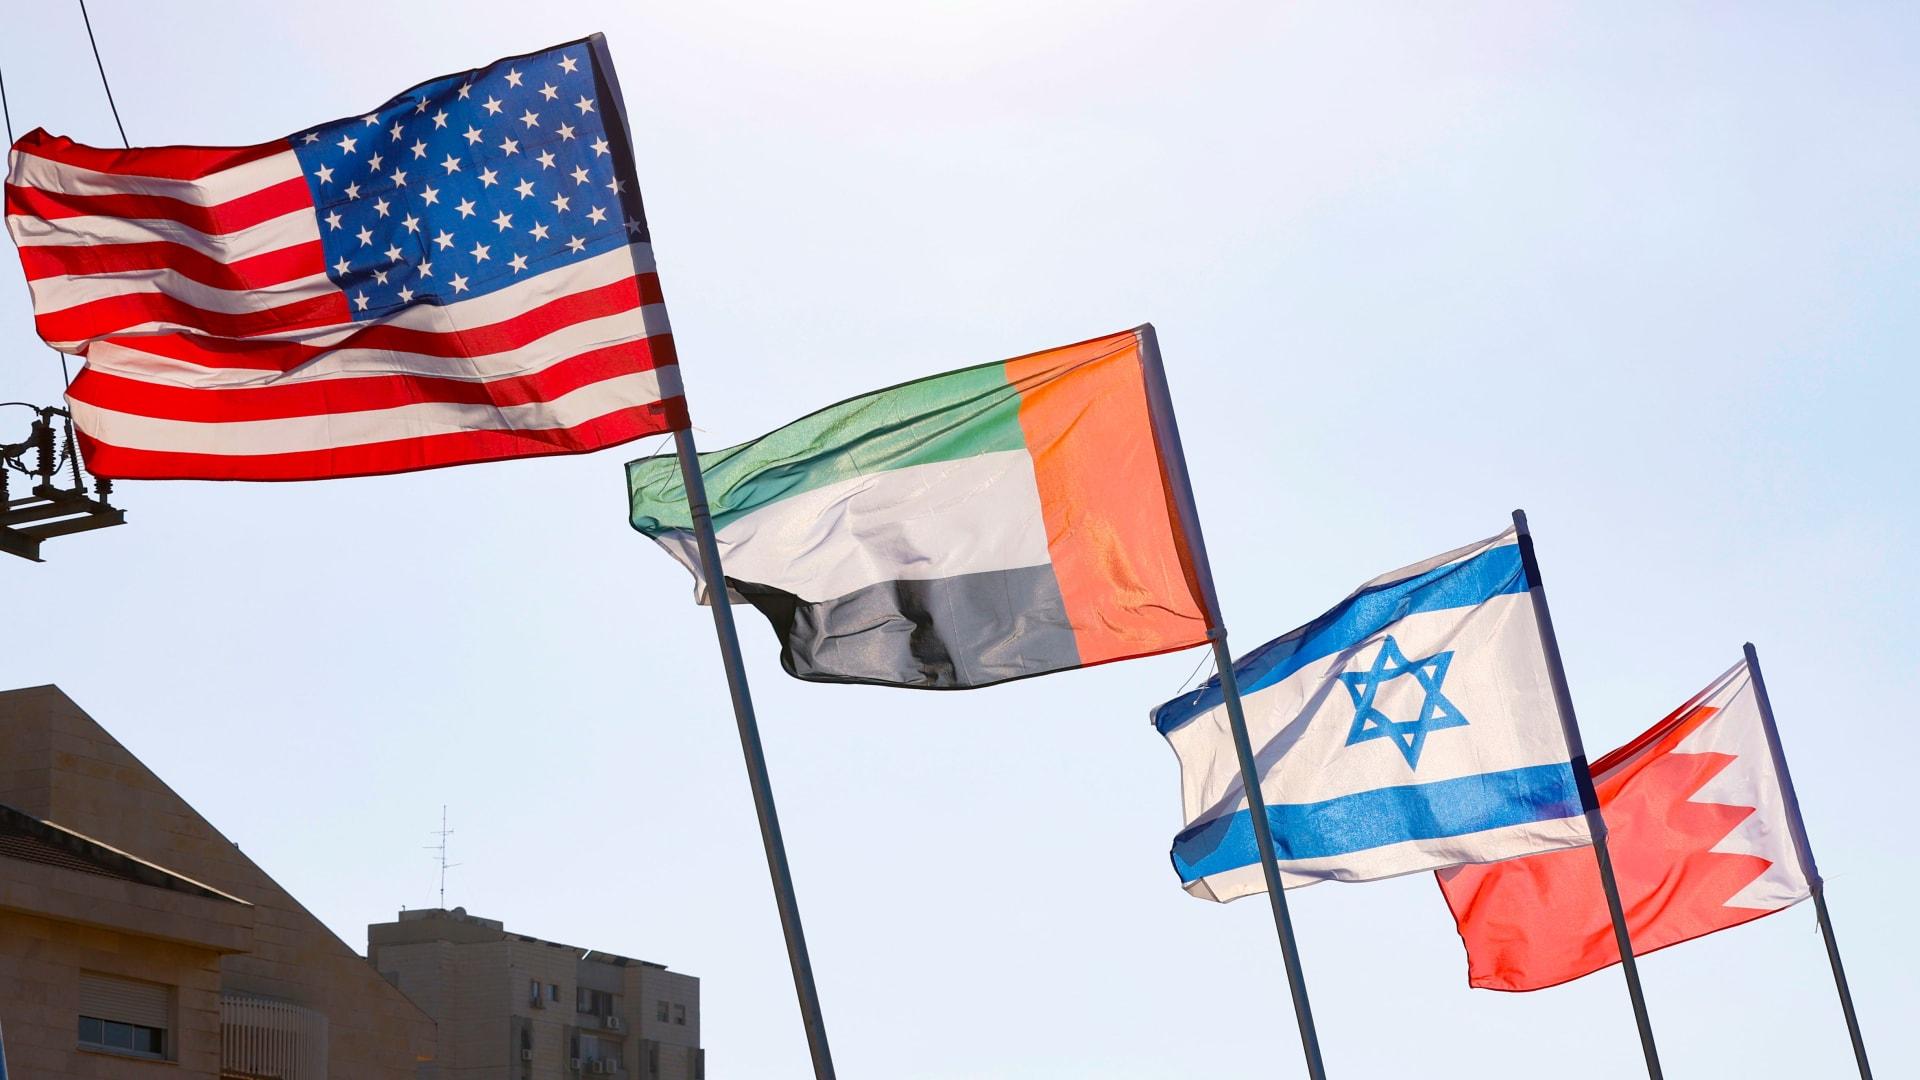 ما هي تأثيرات صفقات الإمارات وإسرائيل التجارية؟